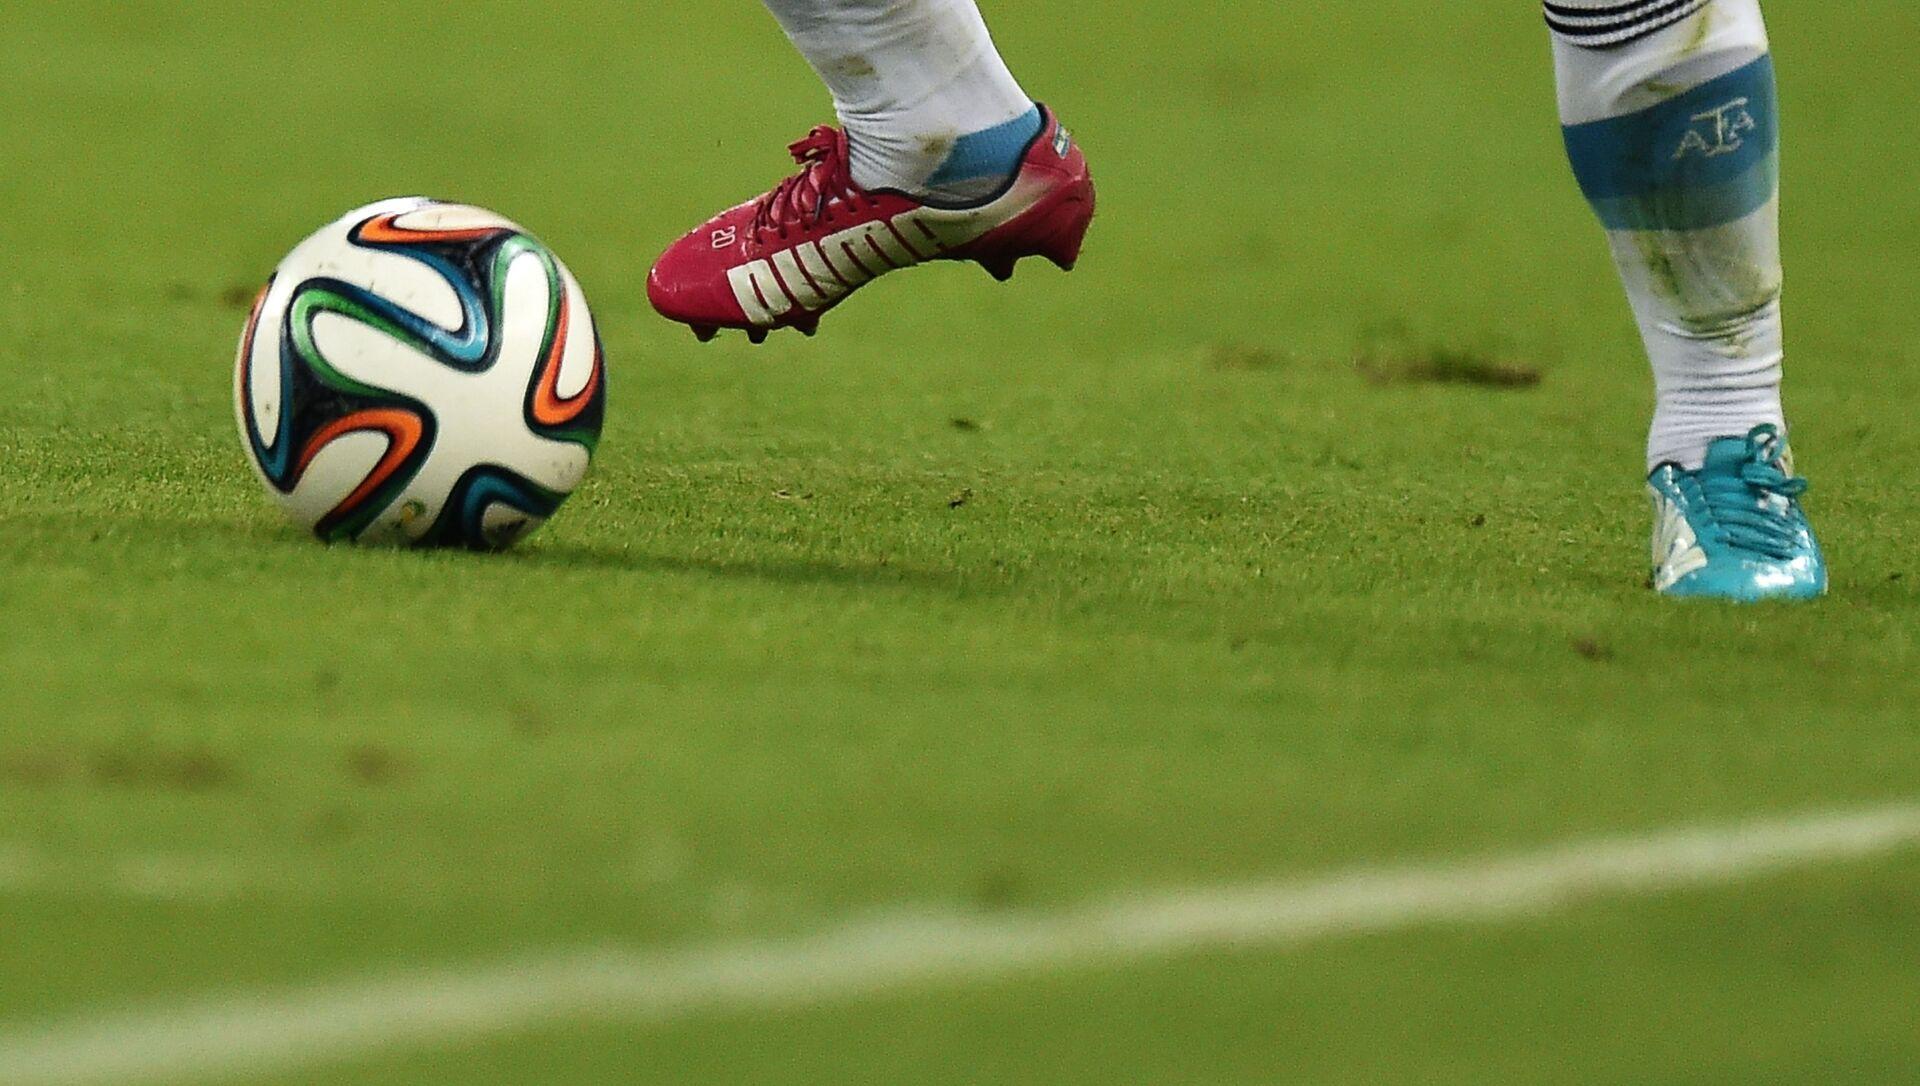 Cầu thủ trong trận đấu vòng bảng FIFA World Cup 2014. - Sputnik Việt Nam, 1920, 20.04.2021